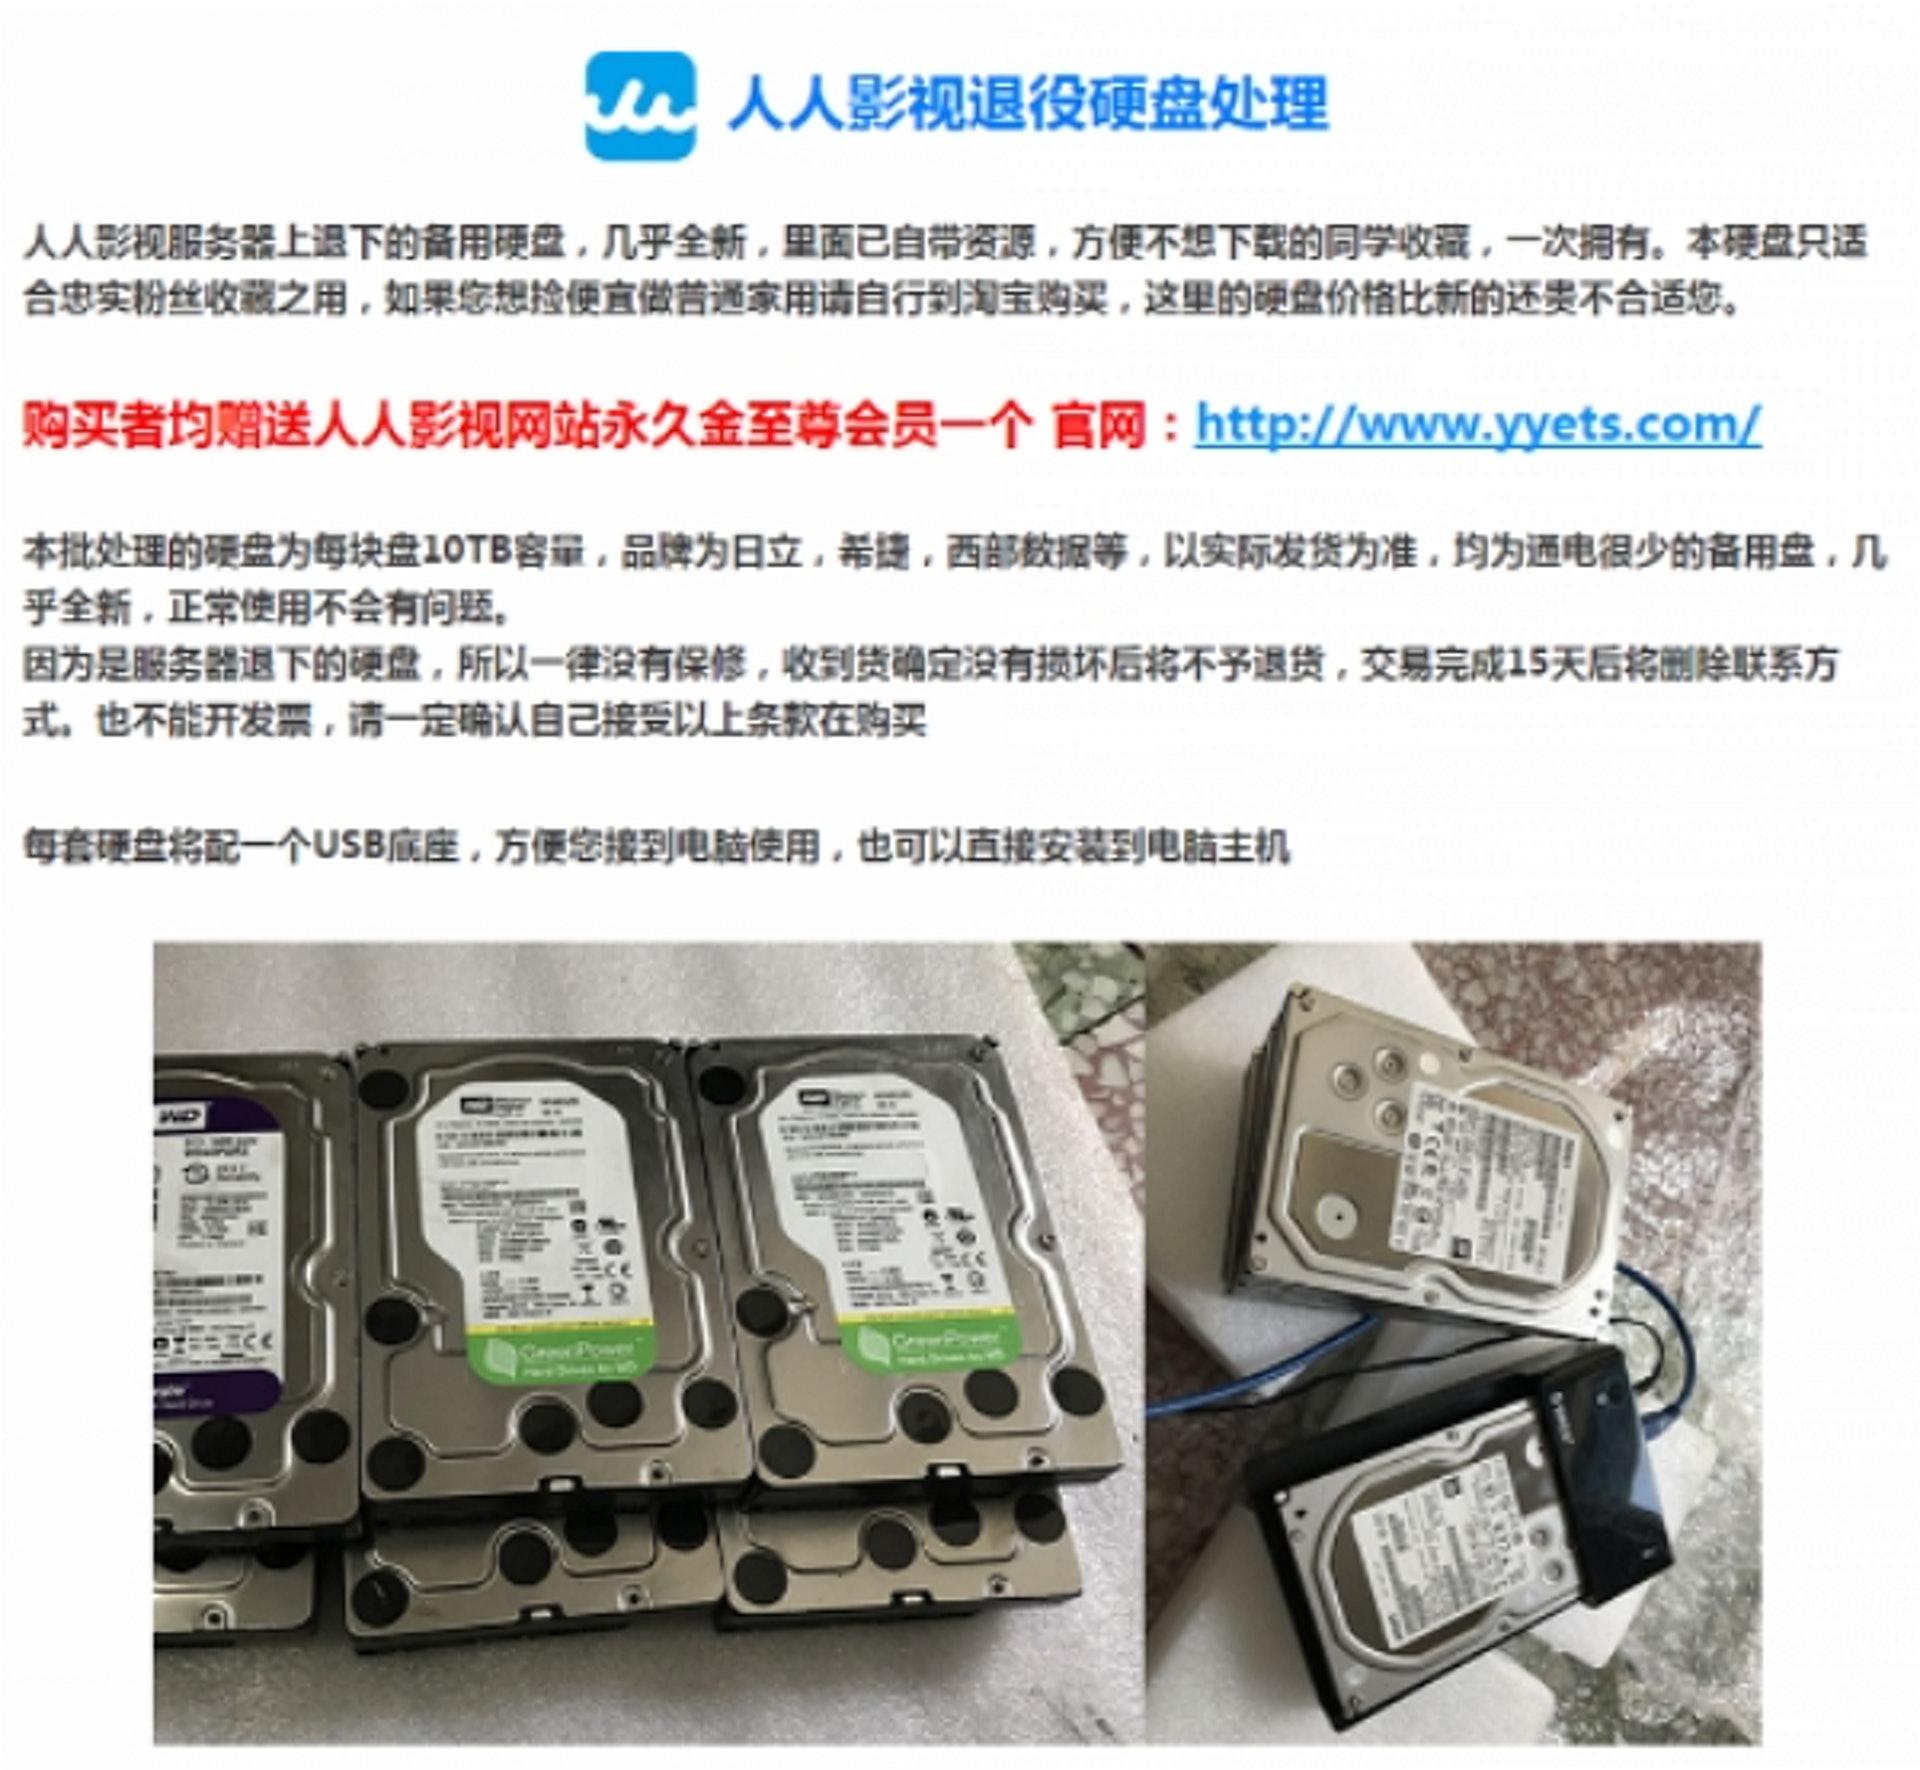 人人影視商業化:不定期出售伺服器「退役」硬碟,內含豐富的盜版影視資源。(網上圖片)